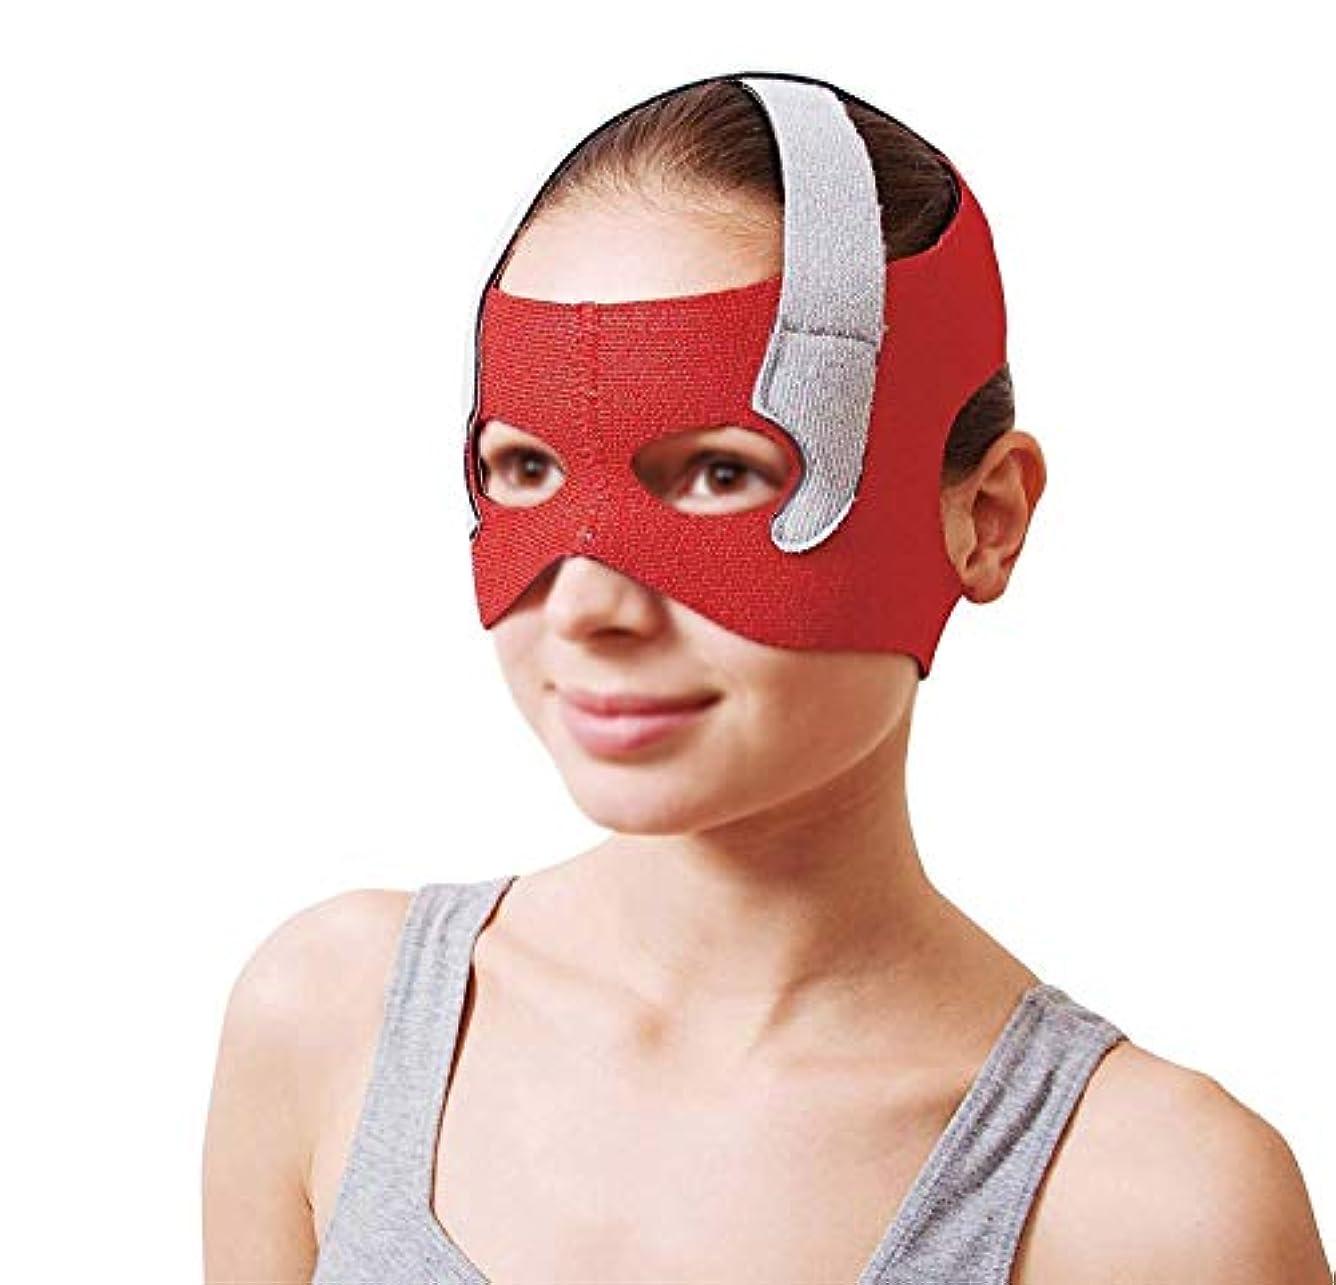 抵抗力がある事務所鉱夫フェイスリフトマスク、回復ポスト包帯ヘッドギアフェイスマスク顔薄いフェイスマスクアーティファクト美容ベルト顔と首リフト顔周囲57-68 cm